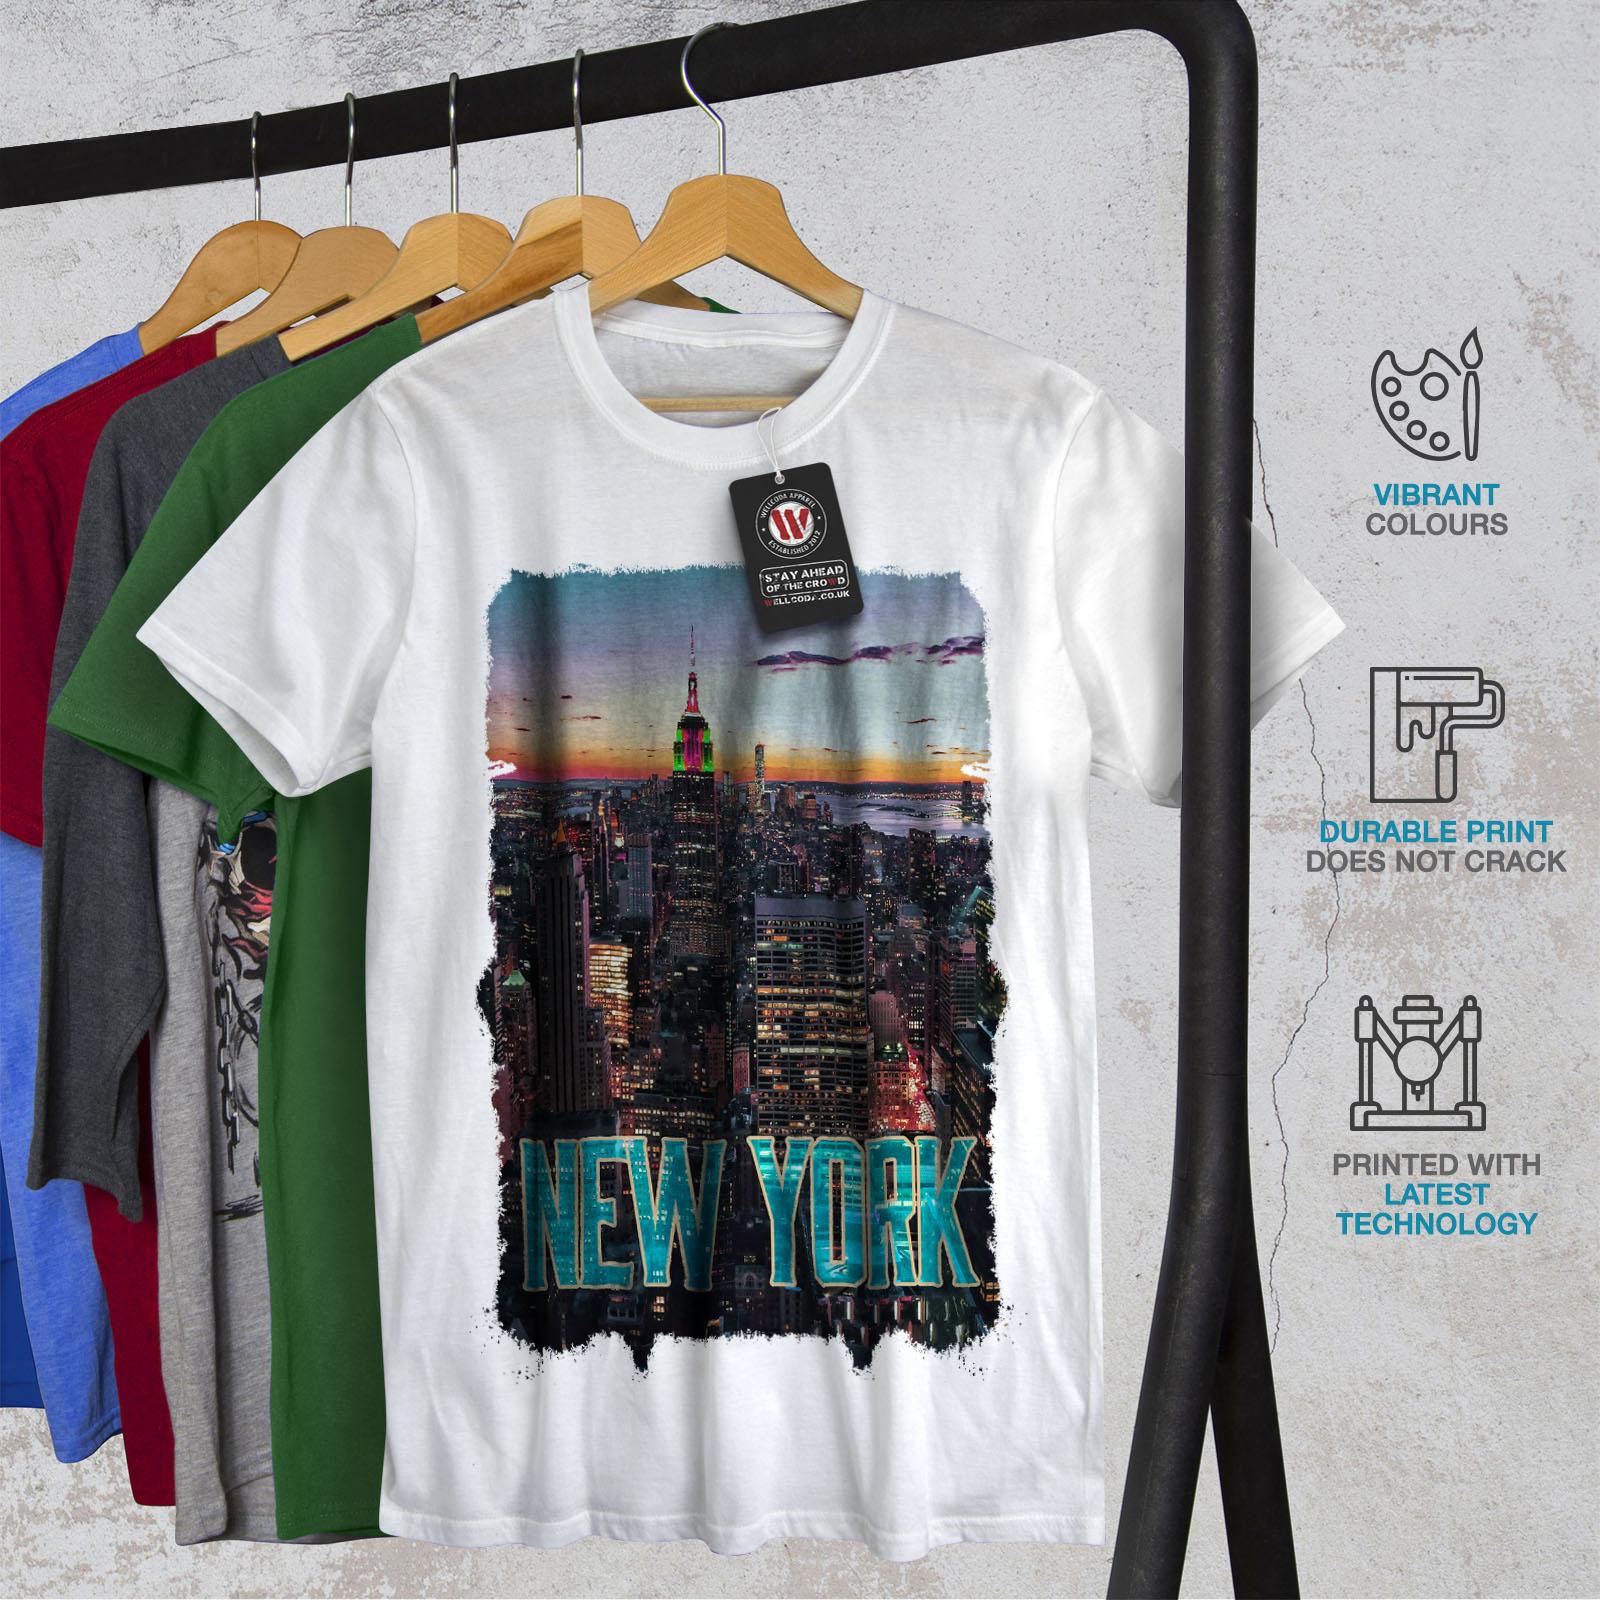 e852aedd Dettagli su Wellcoda New York Città Tramonto Da Uomo T-shirt, American  design grafico stampato T-shirt- mostra il titolo originale